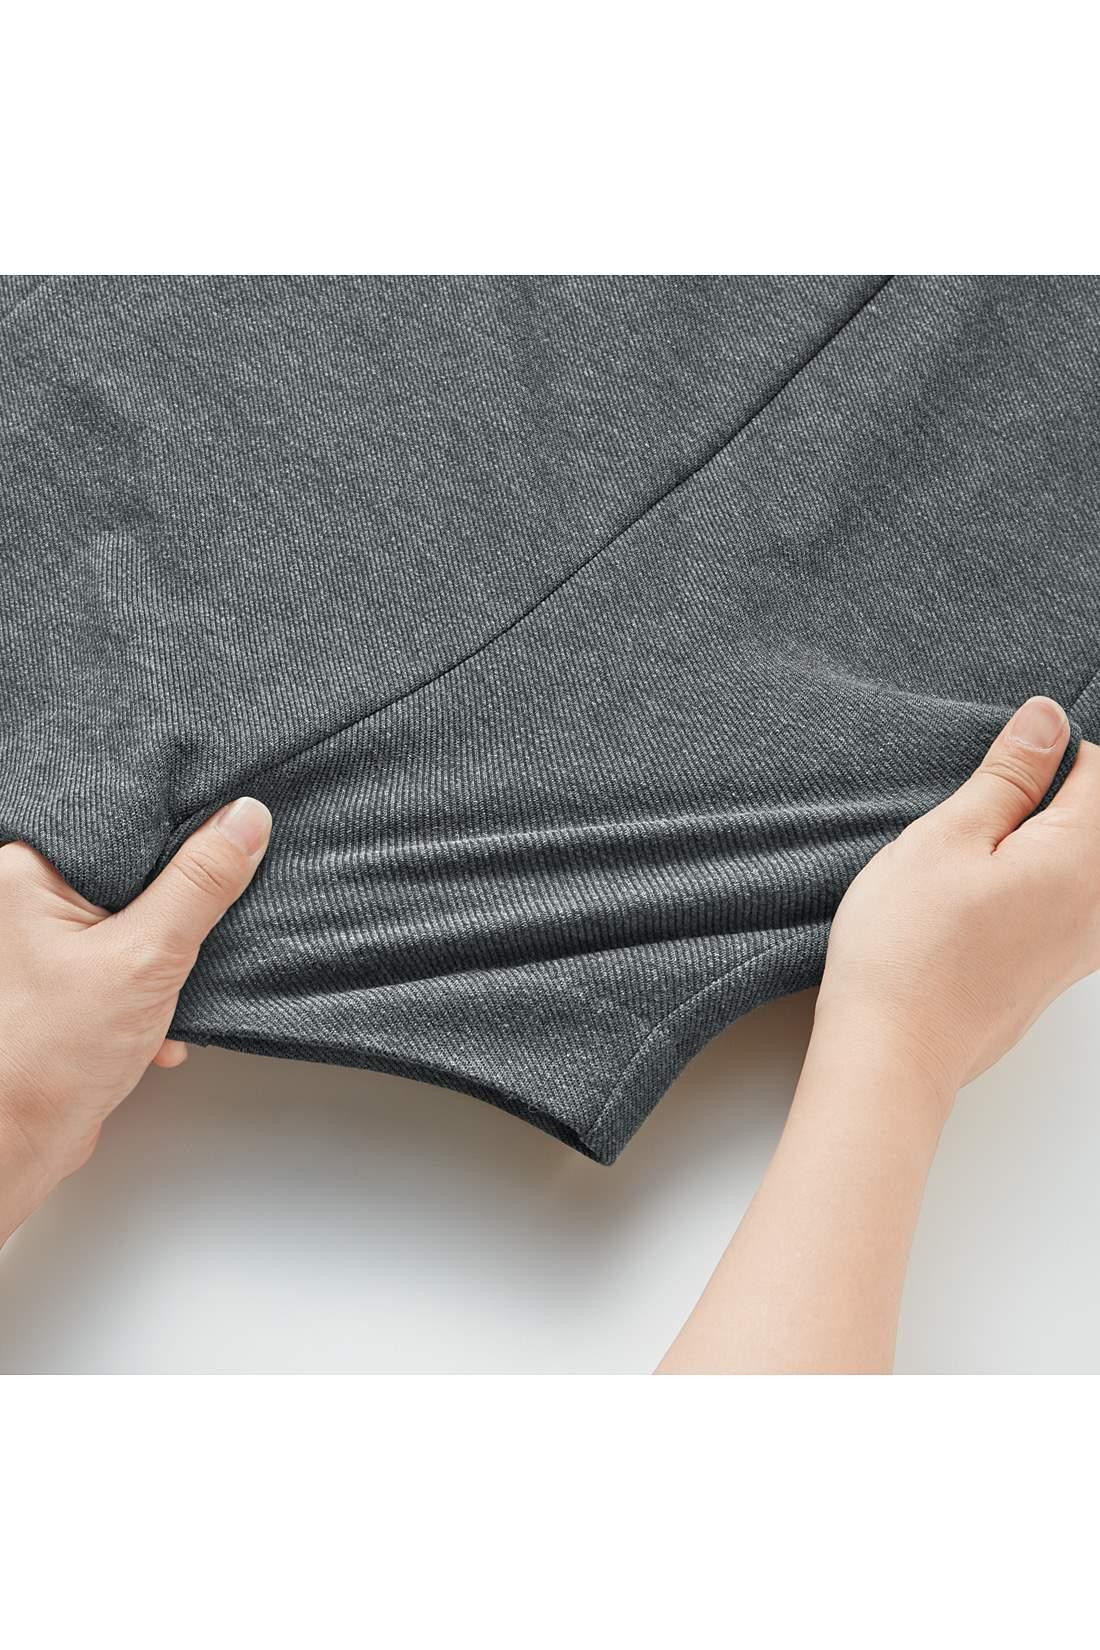 裏地も表地もストレッチの効いた素材なので、一日着ていてもらくちん。 ※お届けするカラーとは異なります。